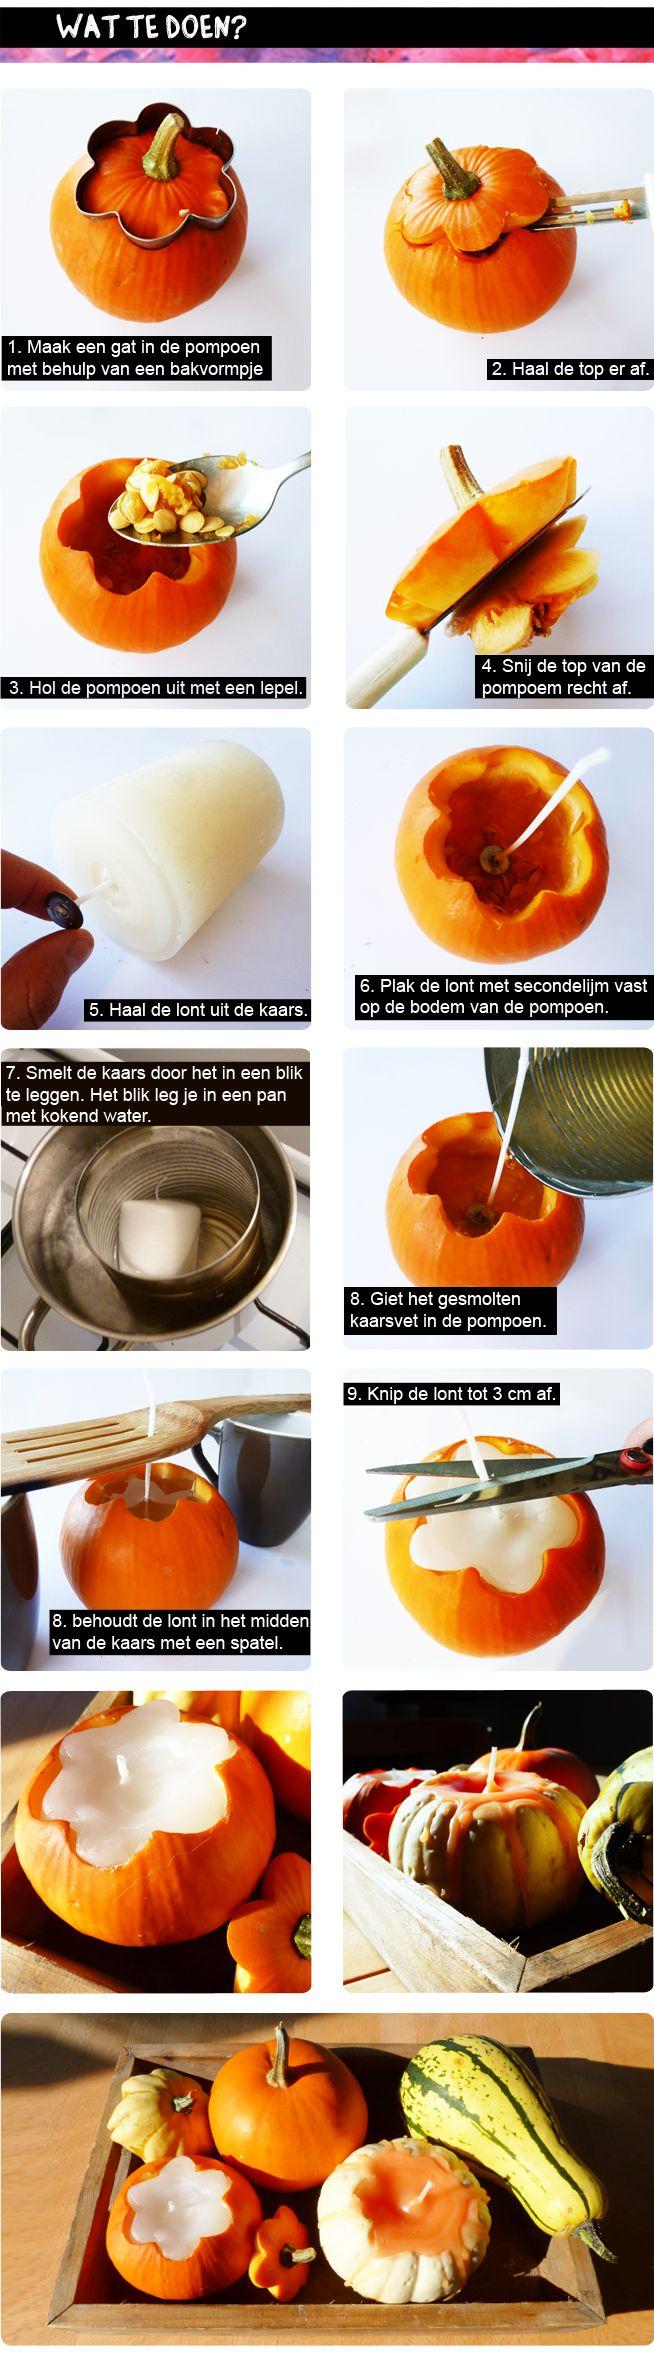 poempoen kaars - www.datzitwelsnor.net